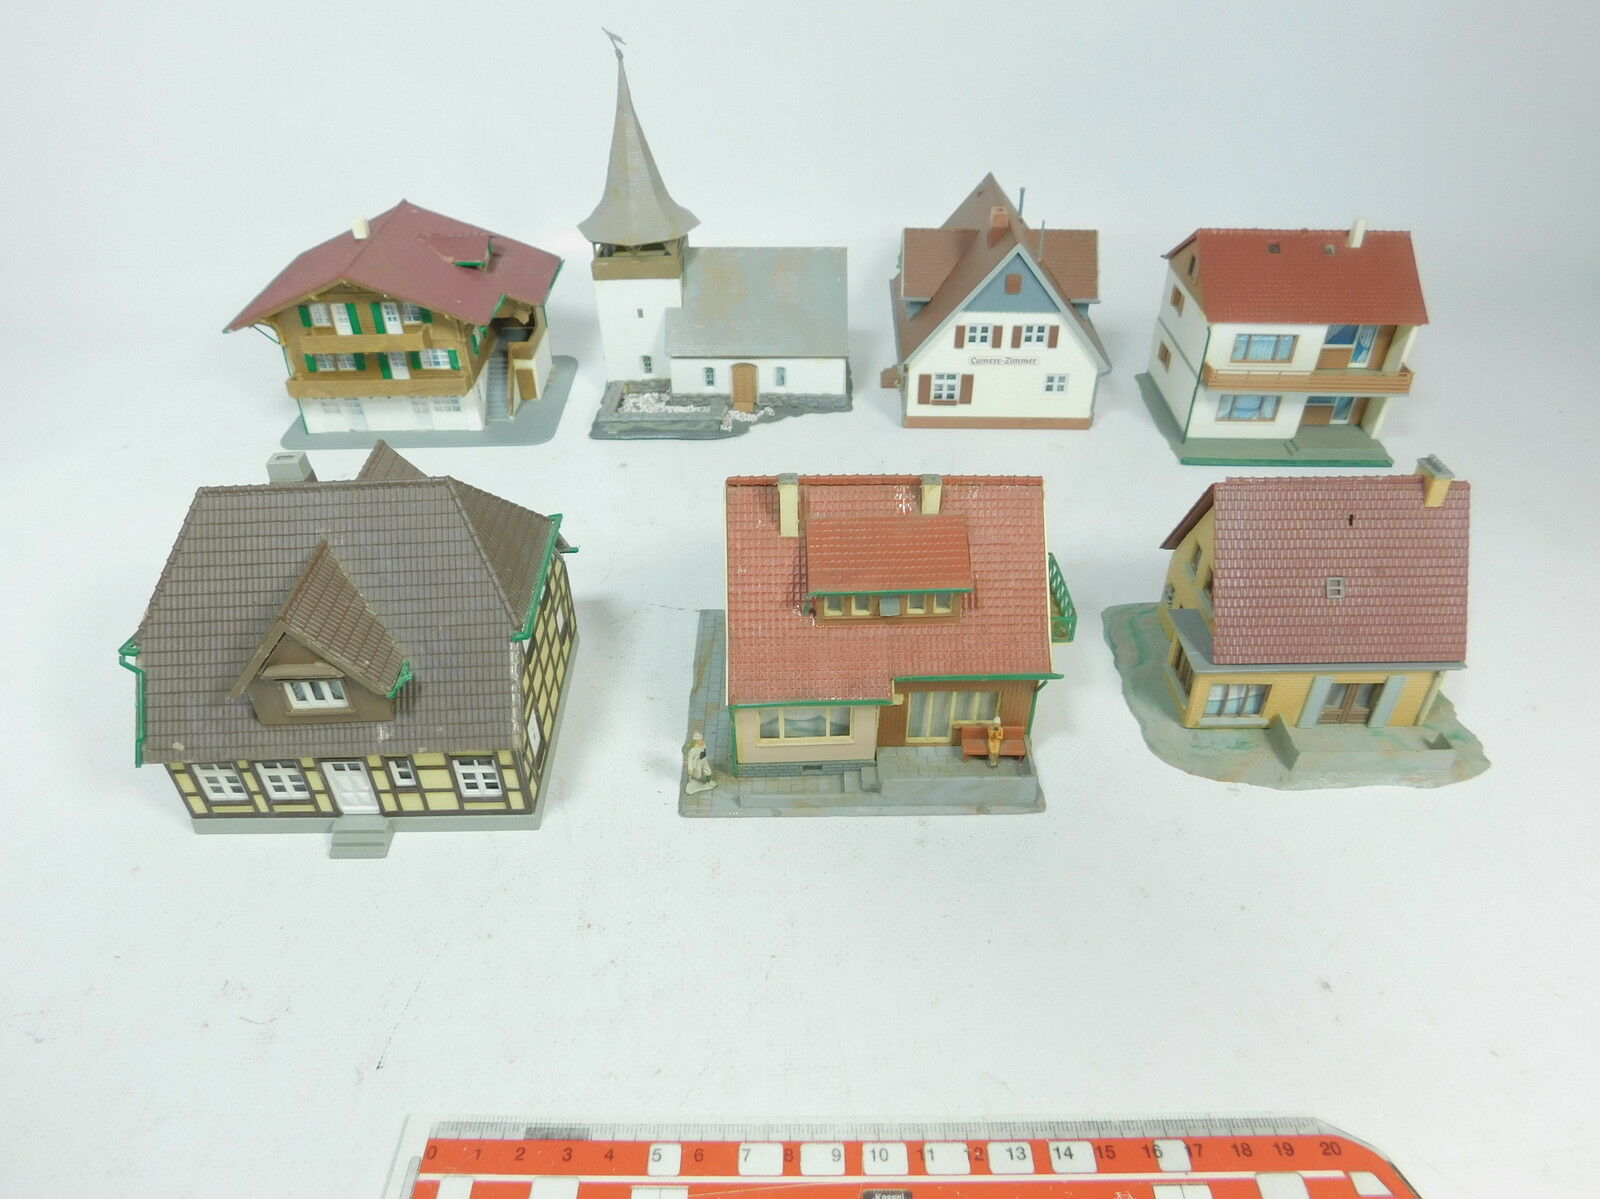 Az775-2x Kibri h0 modelo  iglesia + 919 c a 215 efh + d 613 MFH etc